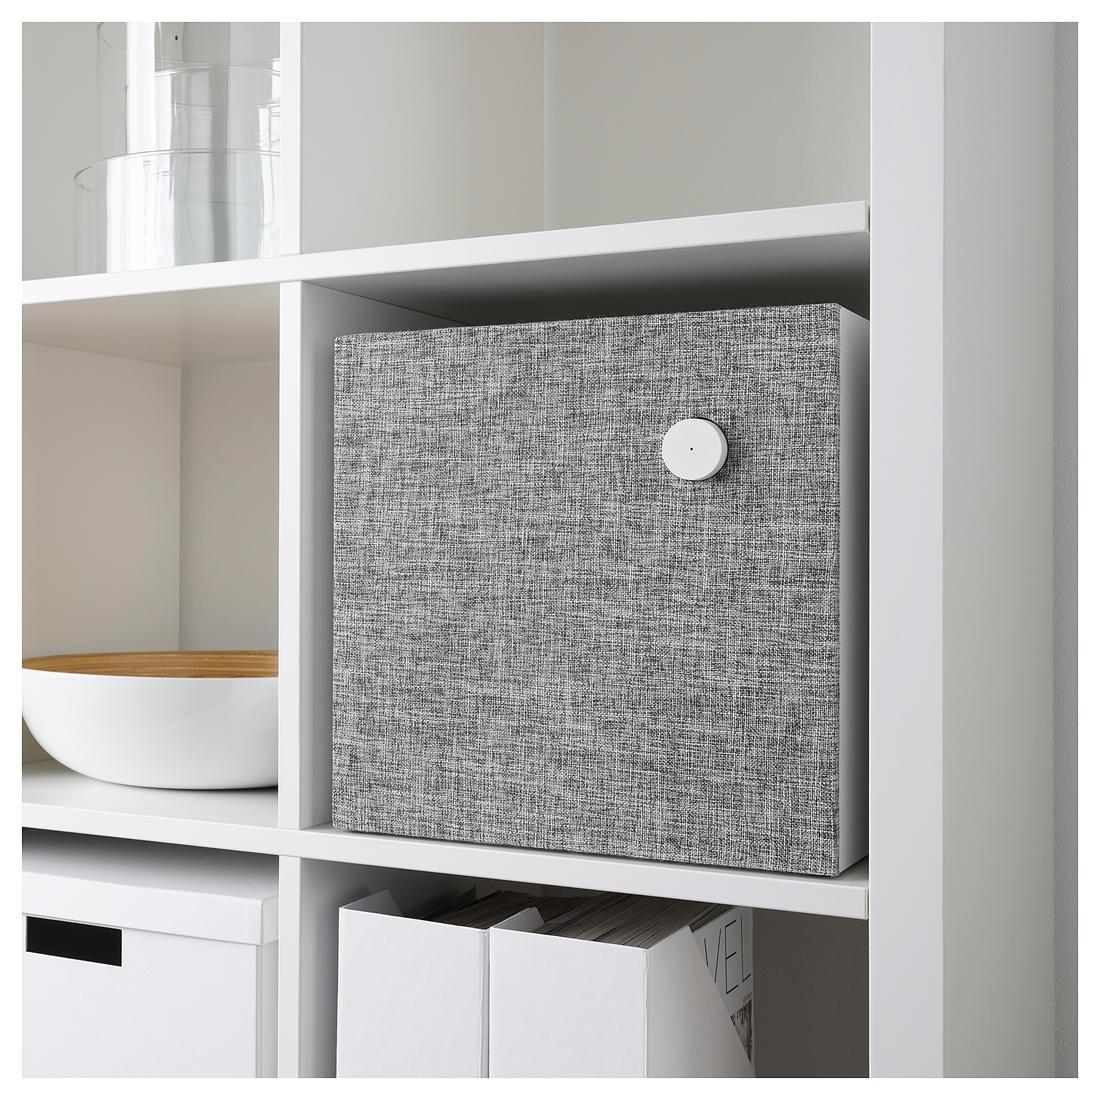 Eneby-Reihe: Ikea veröffentlicht neue Bluetooth-Lautsprecher   Mac Life